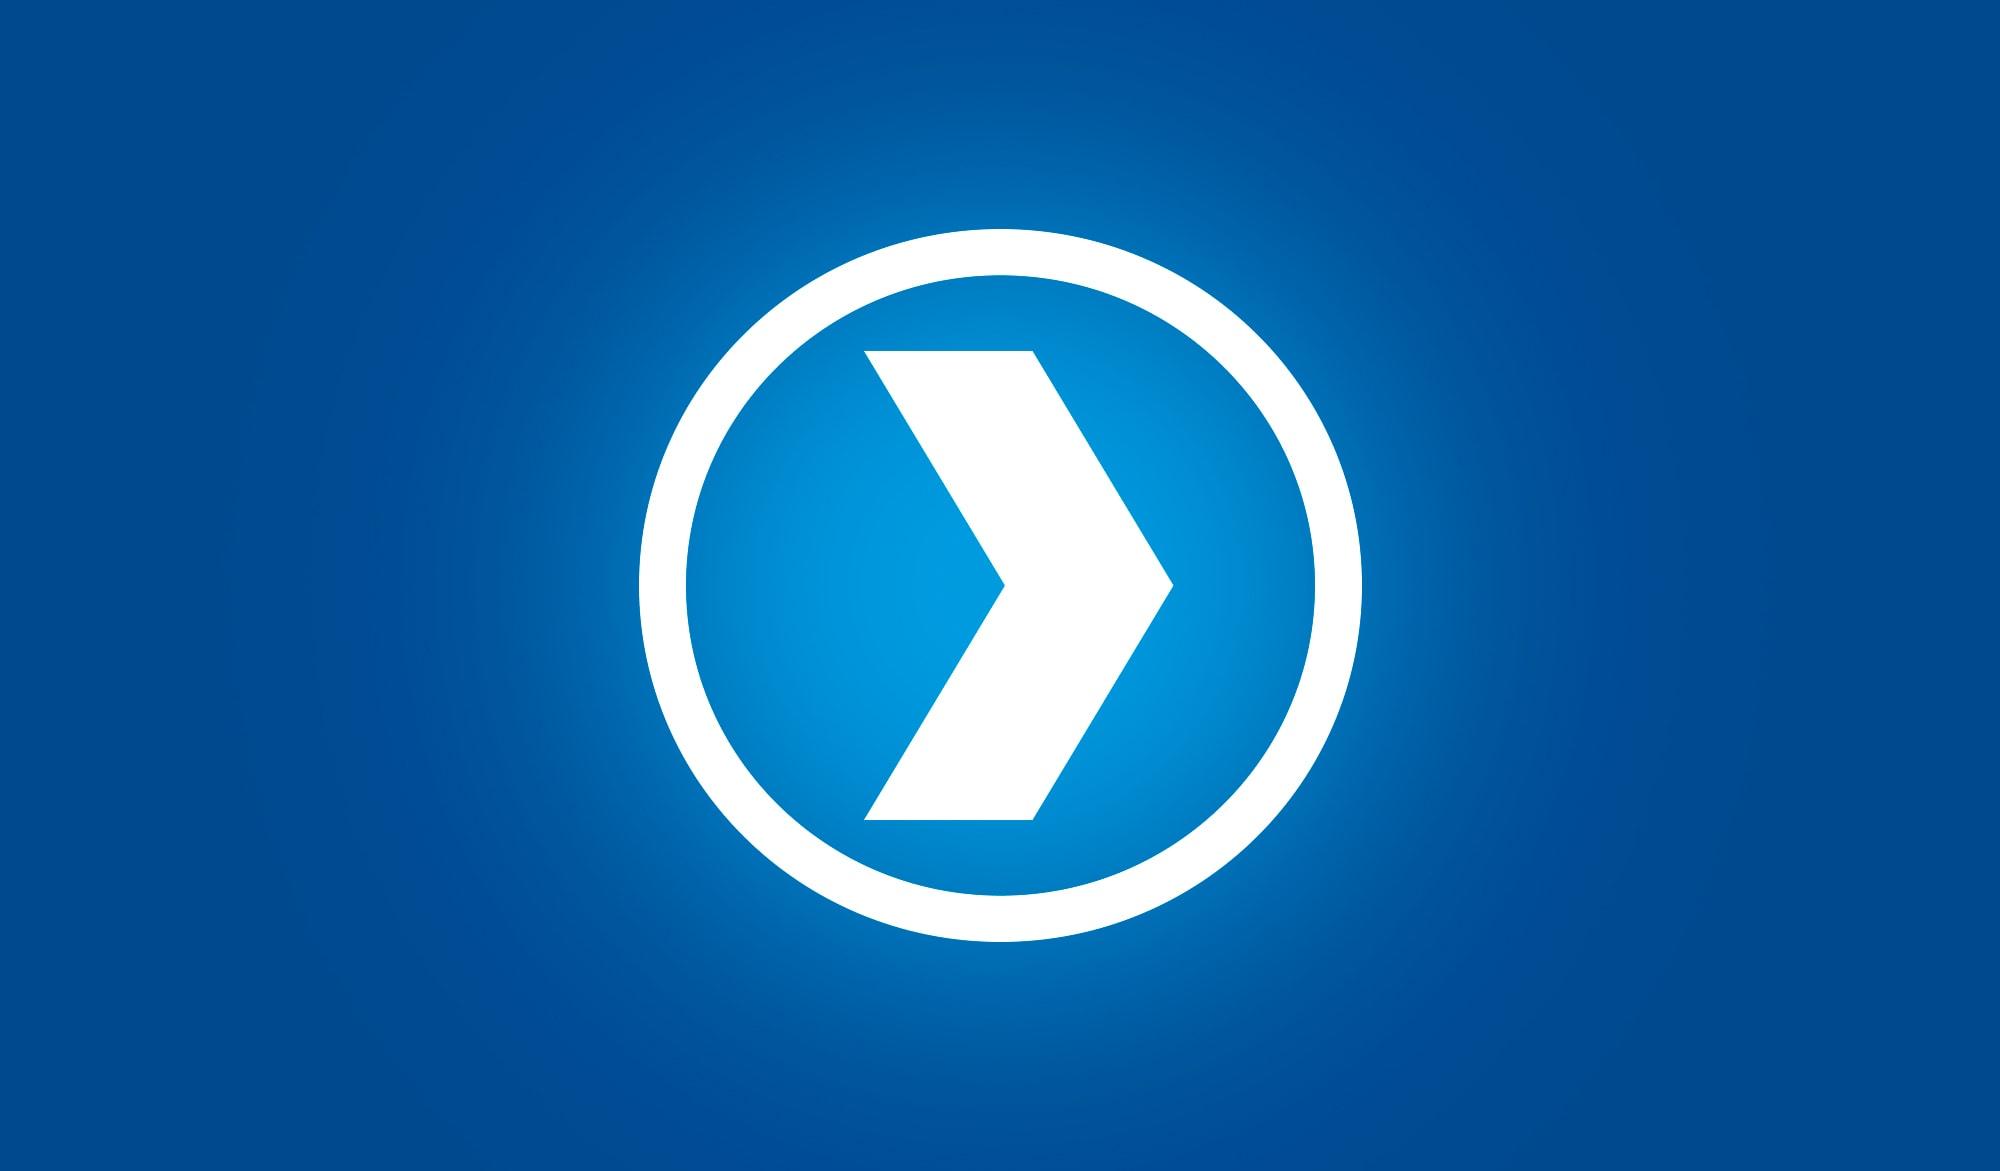 Bayanix - logo mark